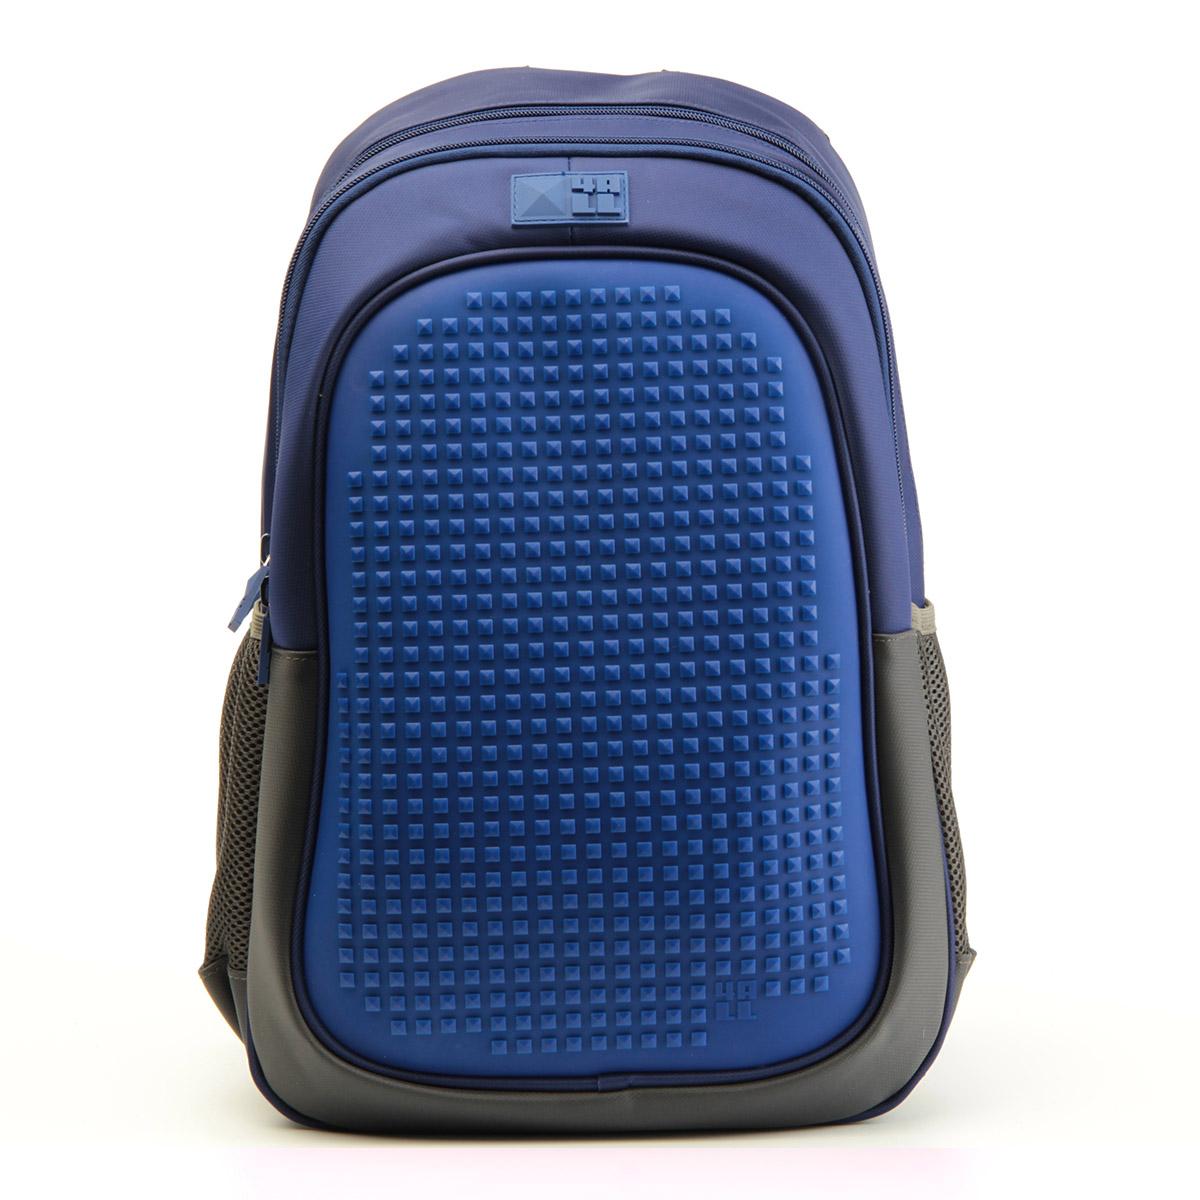 4ALL Рюкзак для девочек Case цвет темно-синийRK61-02NРюкзак бренда 4ALL - это одновременно яркий, функциональный школьный аксессуар и площадка для самовыражения. Заботясь о Вашем комфорте, удобстве и творческом развитии мы создали уникальные рюкзаки CASE с силиконовой панелью и разноцветные мозаичные БИТЫ с помощью которых на рюкзаке можно создавать графические шедевры хоть каждый день! Наш рюкзак является не только помощником в переносе грузов, но и настоящей интерактивной площадкой! Благодаря силиконовой панели и пикселям он может информировать и транслировать любые Ваши художественные опыты! Особенности: AIR COMFORT system: - Система свободной циркуляции воздуха между задней стенкой рюкзака и спиной ребенка. ERGO system: - Разработанная нами система ERGO служит равномерному распределению нагрузки на спину ребенка. Она способна сделать рюкзак, наполненный учебниками, легким. ERGO служит сохранению правильной осанки и заботится о здоровье позвоночника! А также: - Гипоаллергенный силикон; - Водоотталкивающие материалы; - Устойчивость...